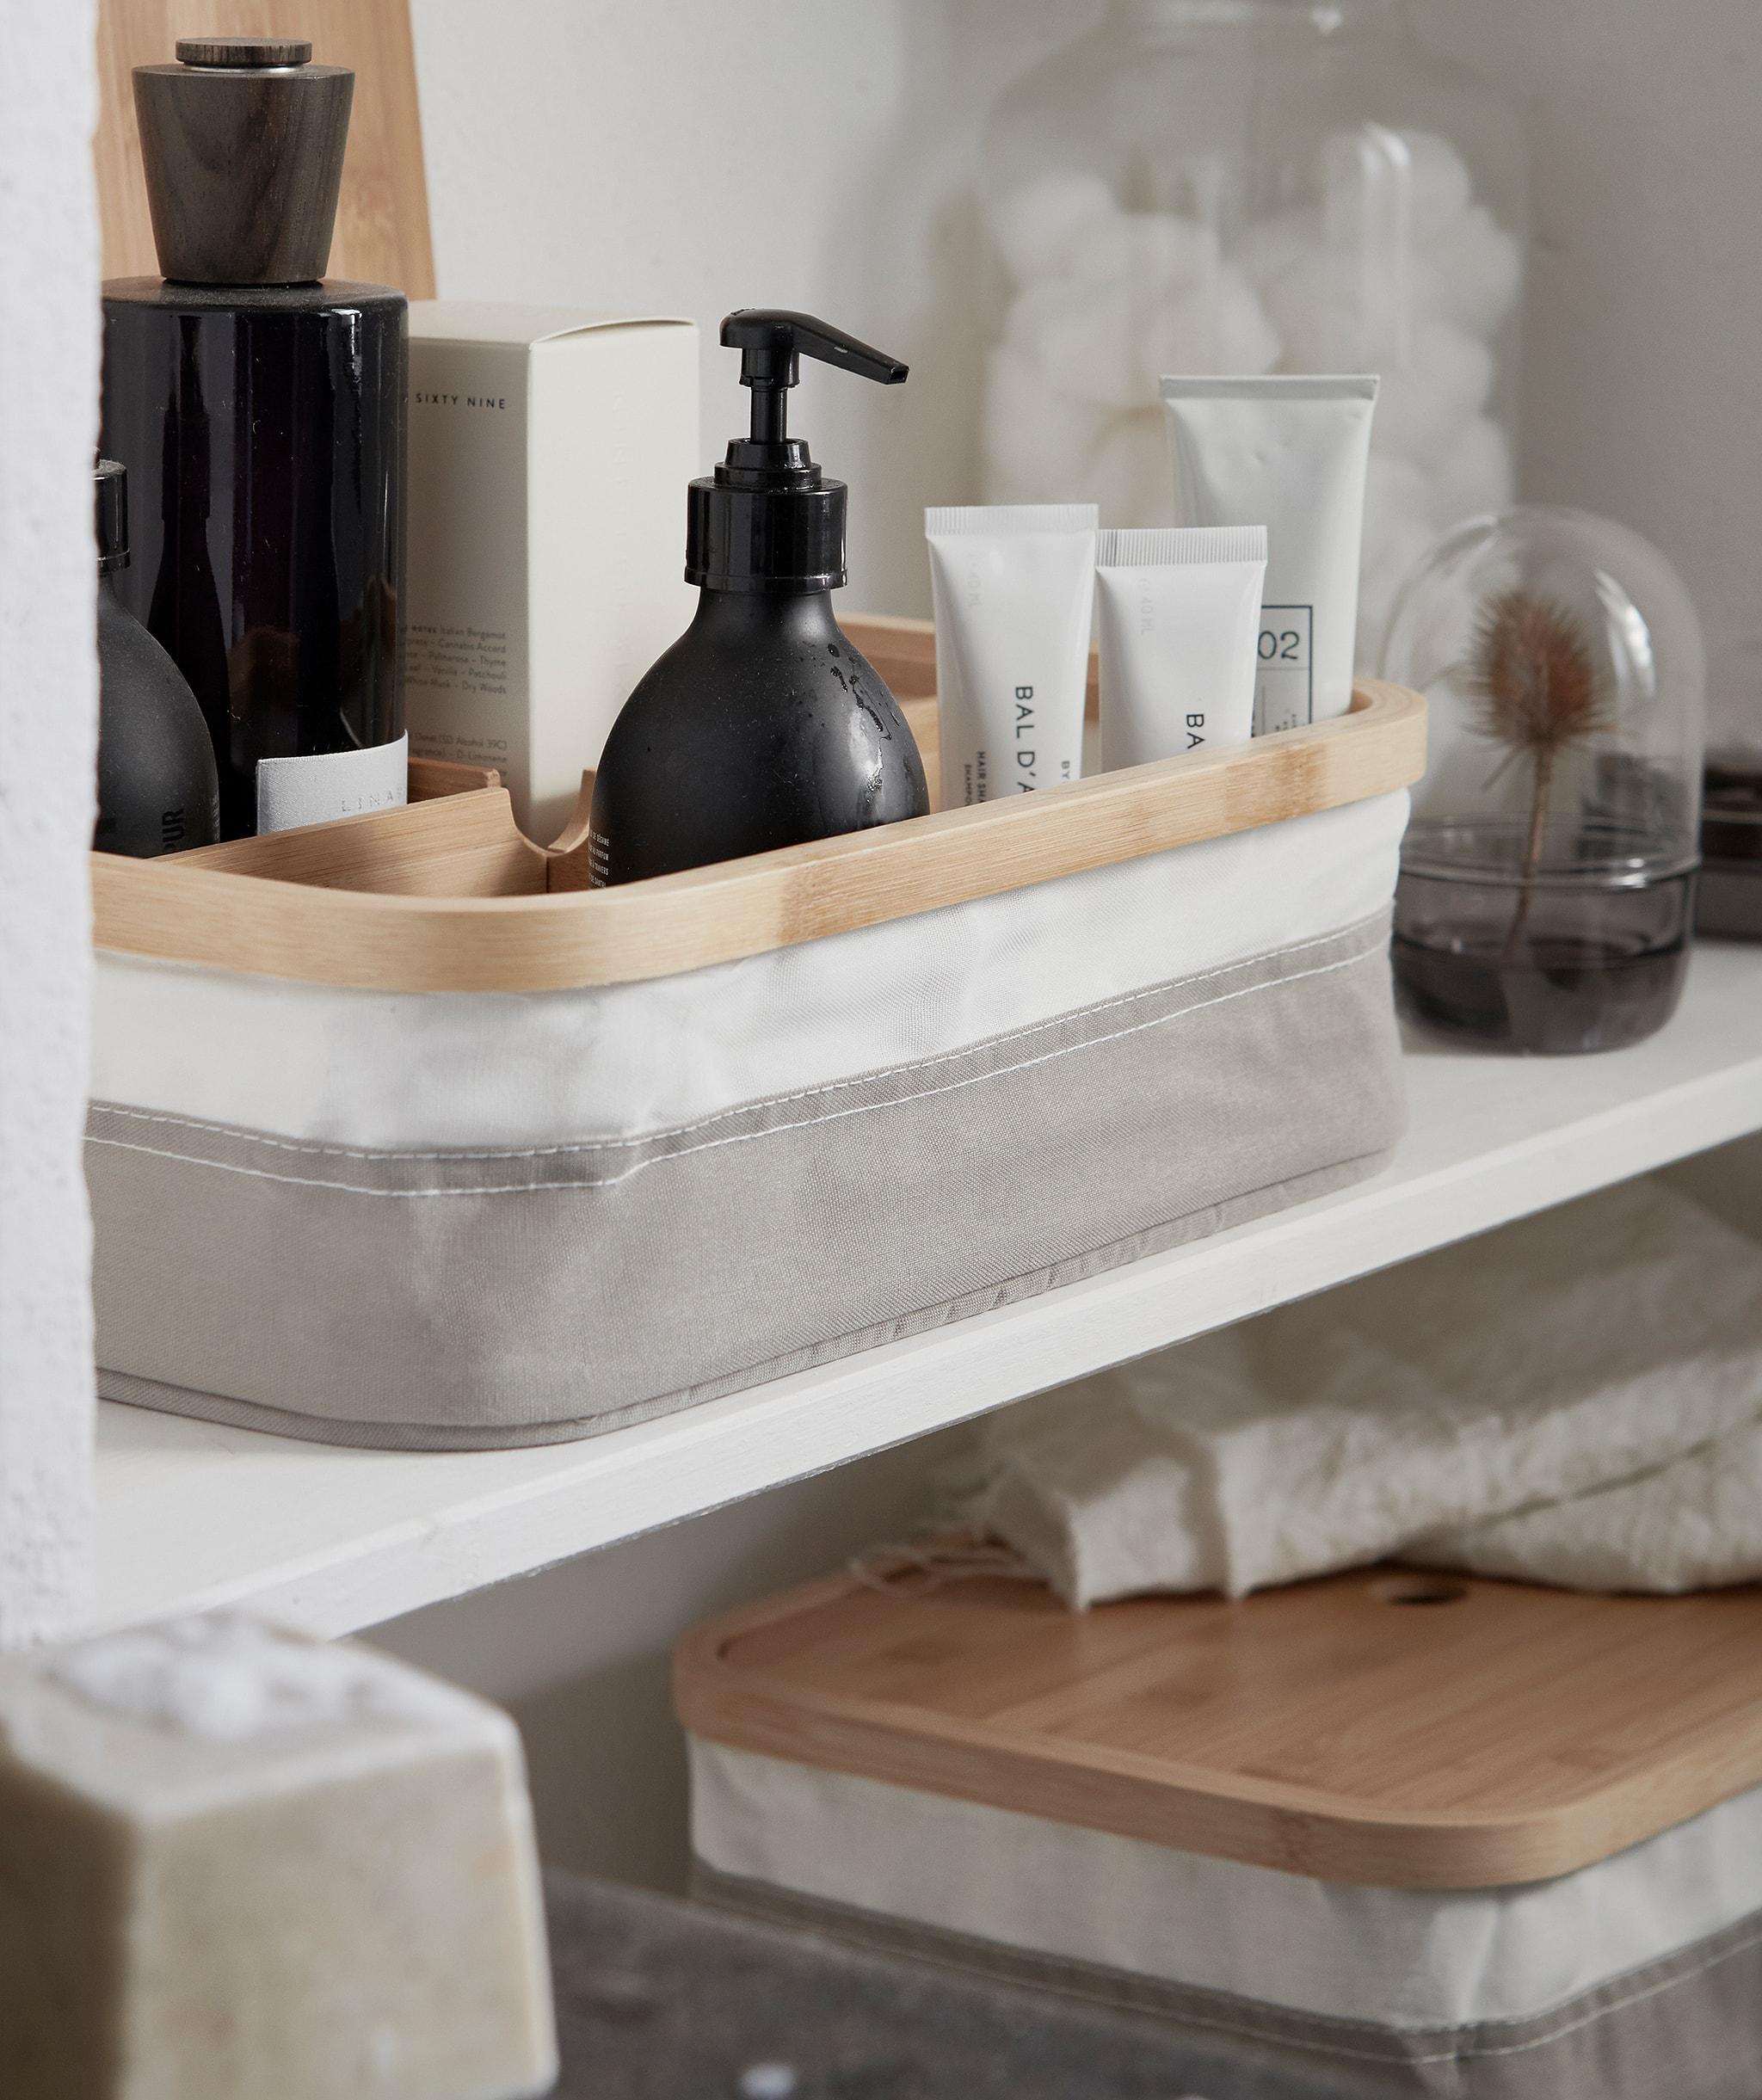 Produk kecantikan ditata dalam kotak dengan kompartemen, diletakkan di rak dinding bersama dengan penyimpanan elegan lainnya.